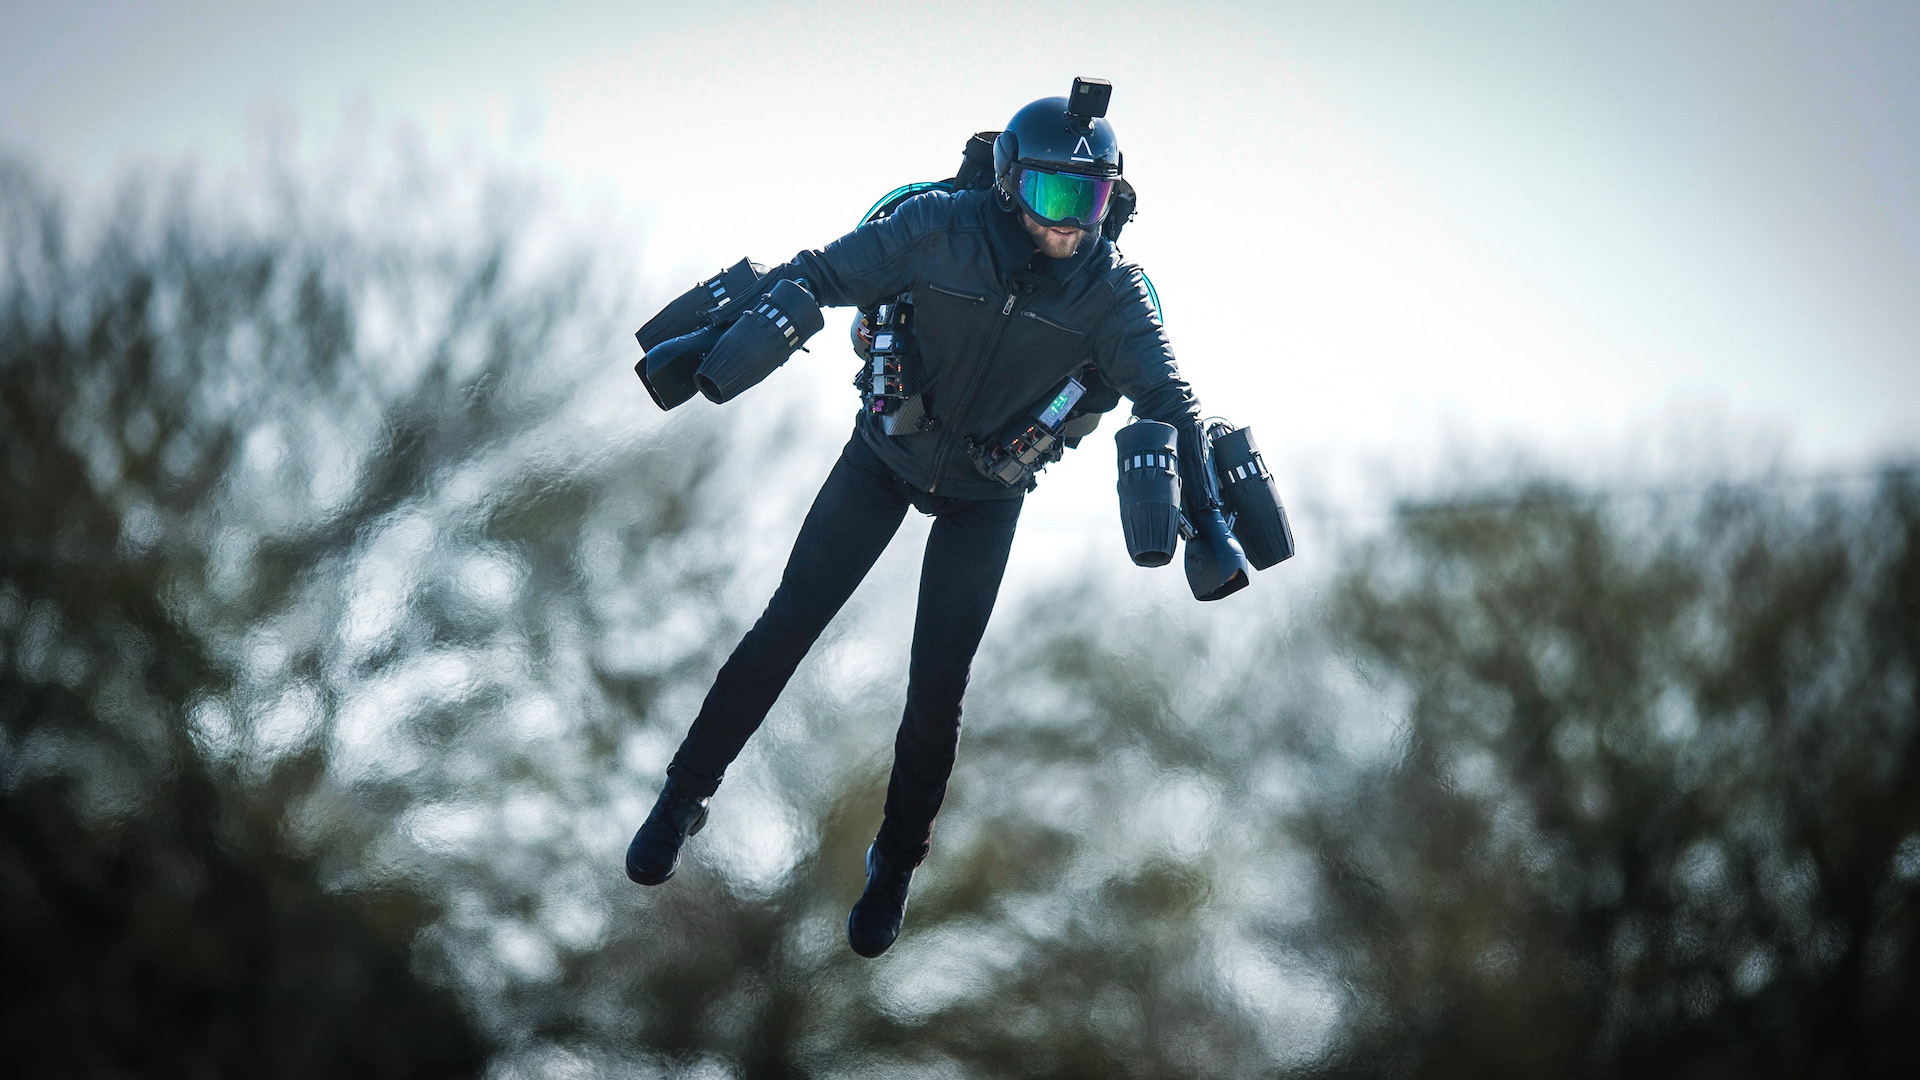 Projects image, Gravity Jet Suit